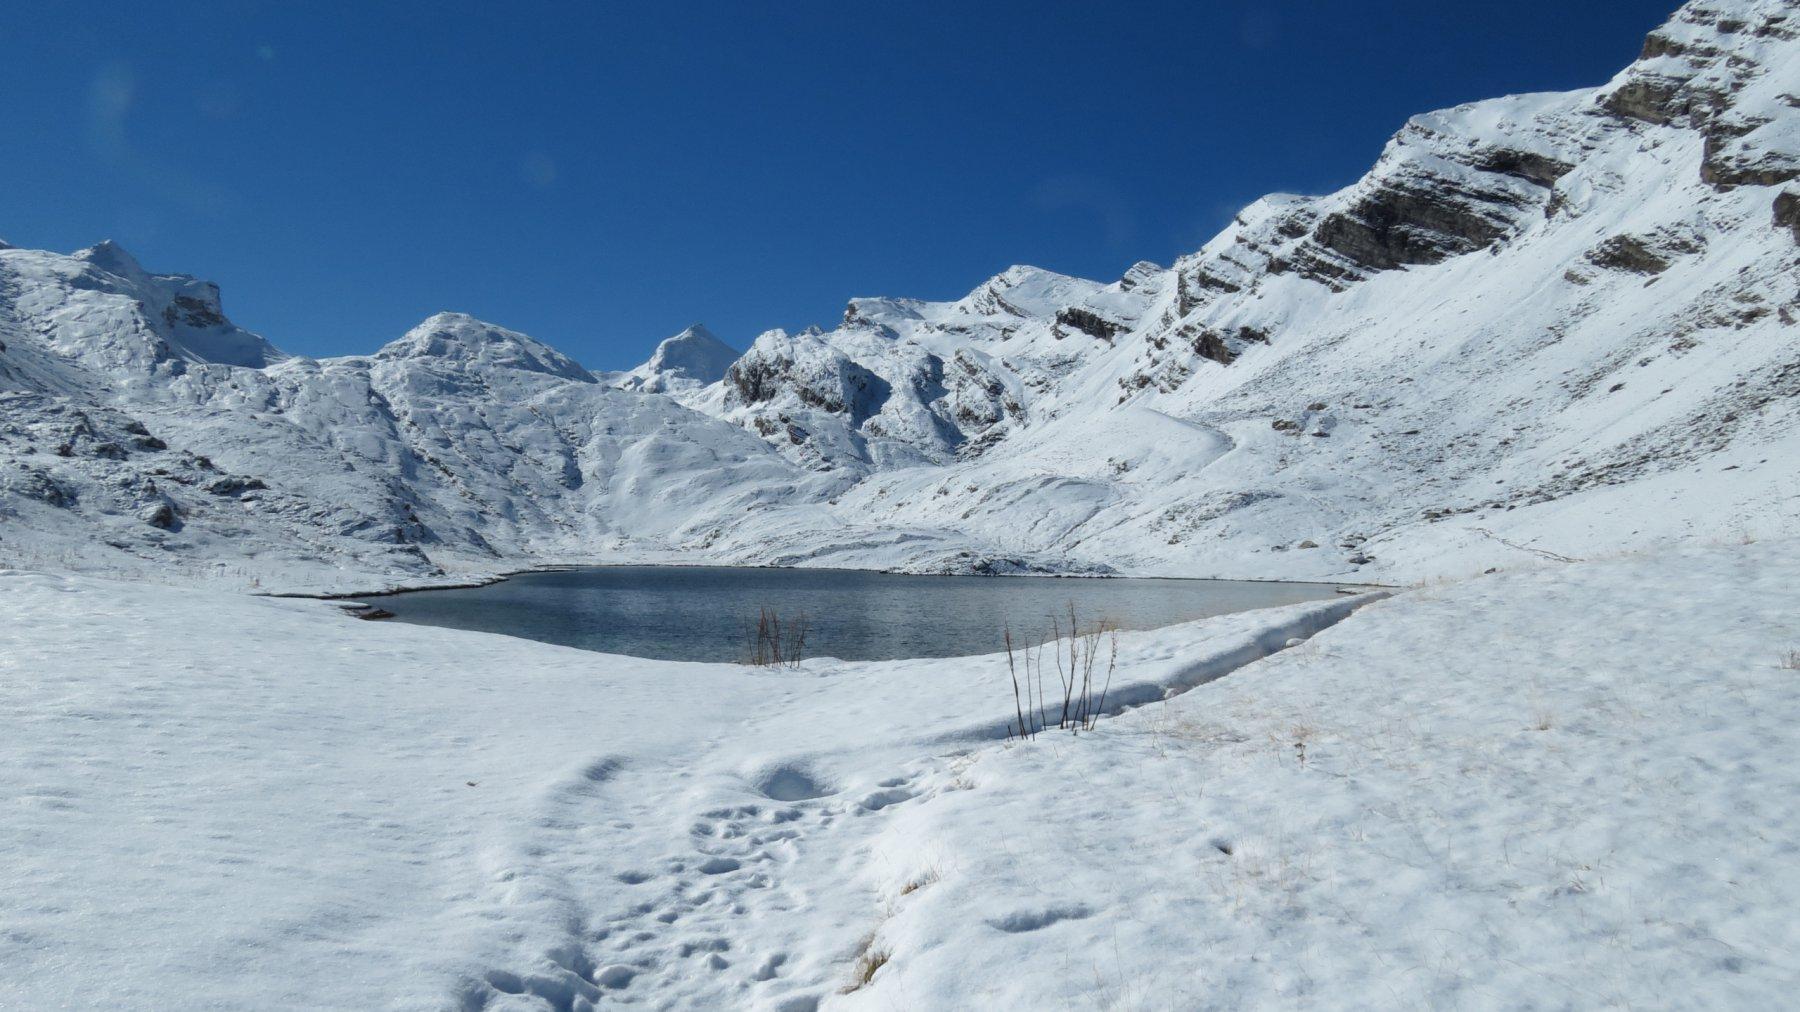 la splendida conca innevata che ospita il Lac de Lauzanier (4-10-2015)